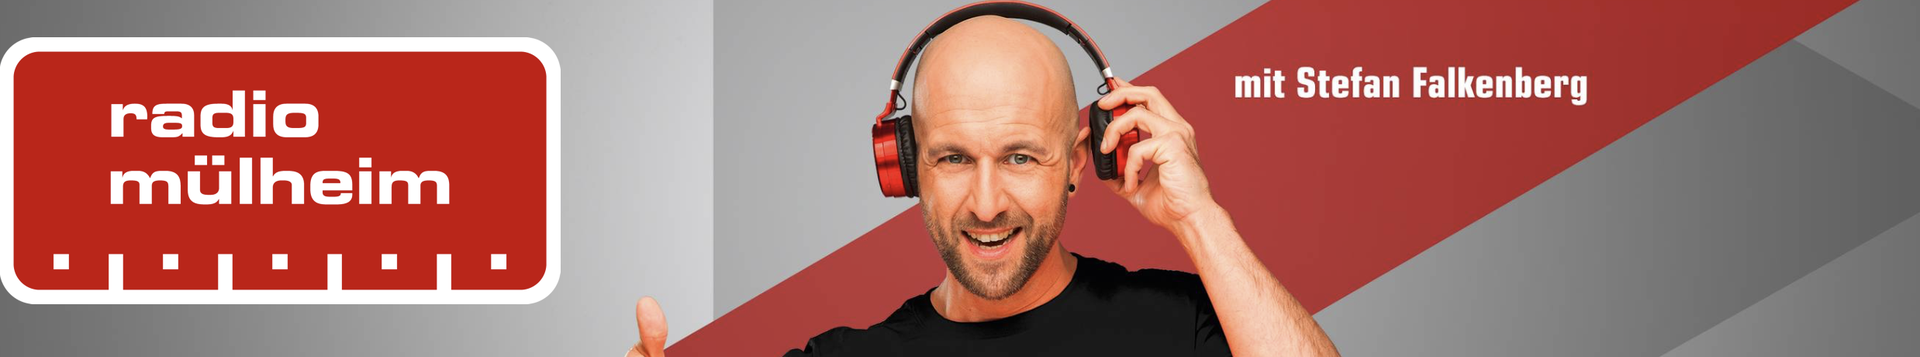 Stefan Falkenberg - Dein Neuer Morgen / Radio Mülheim